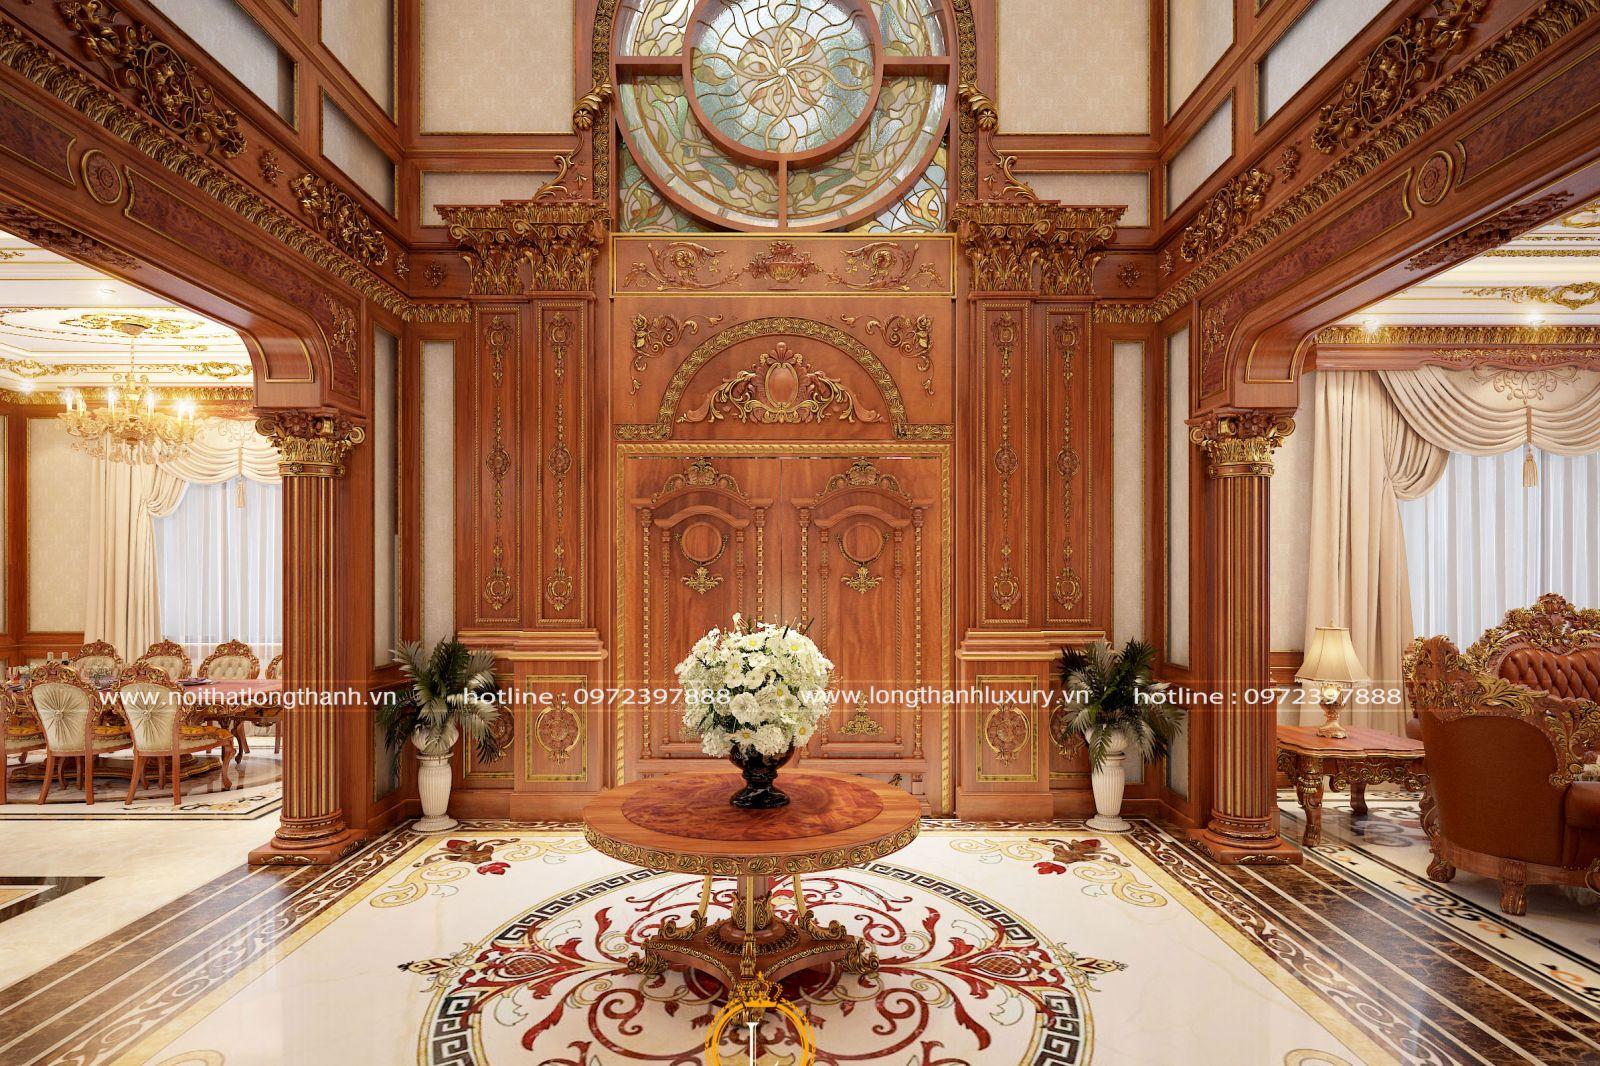 Cửa gỗ tân cổ điển gỗ Gõ ấn tượng